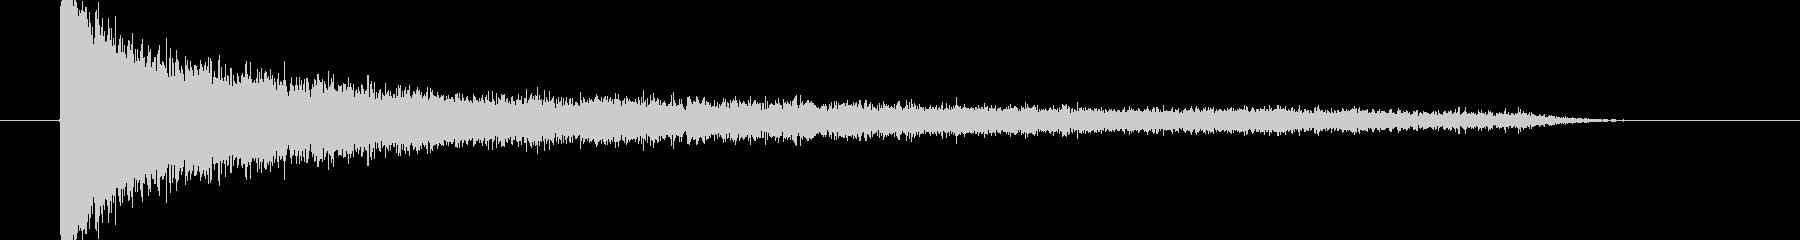 ガーン・長めのショック音の未再生の波形